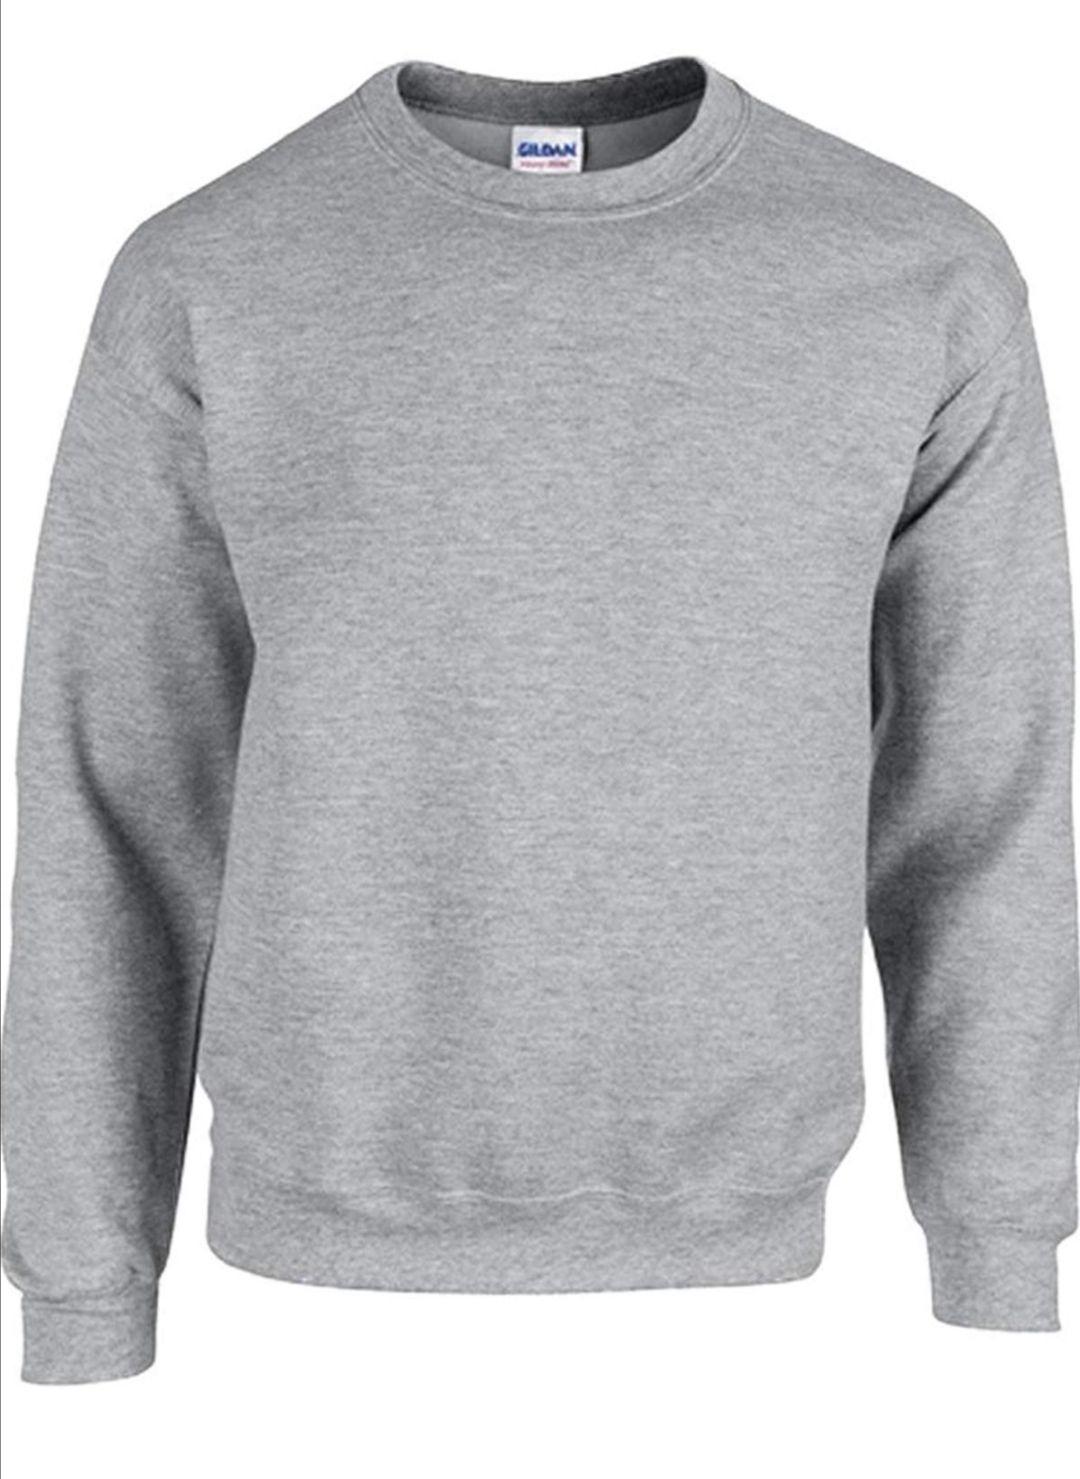 Gildan Pullover Männer grau gr.S für 1 Cent plus 1,99€ Versand